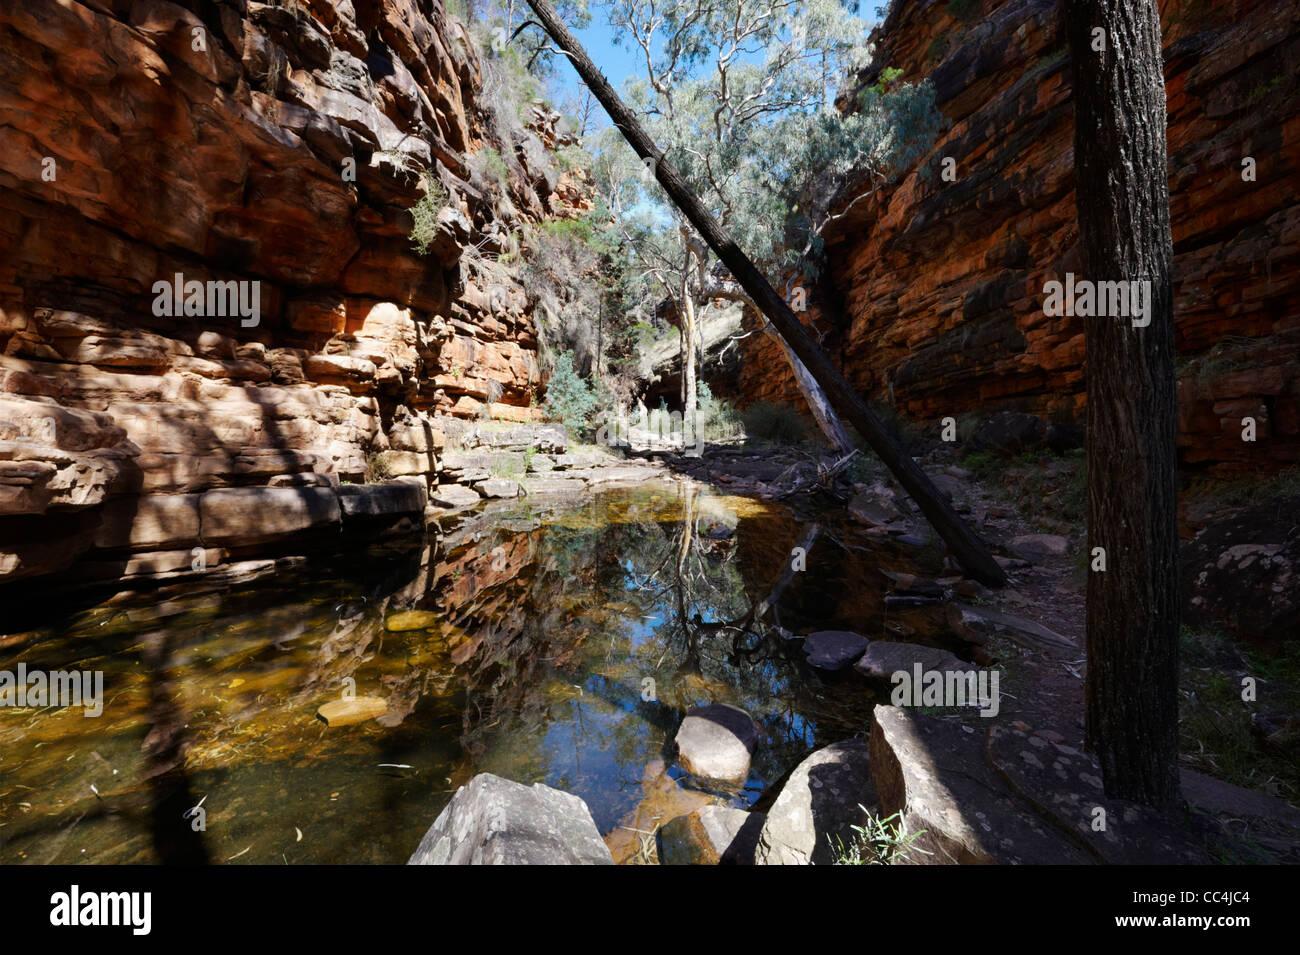 Vista di alberi e fiume nel canyon, Alligator Gorge, Mount Remarkable National Park, Sud Australia, Australia Foto Stock